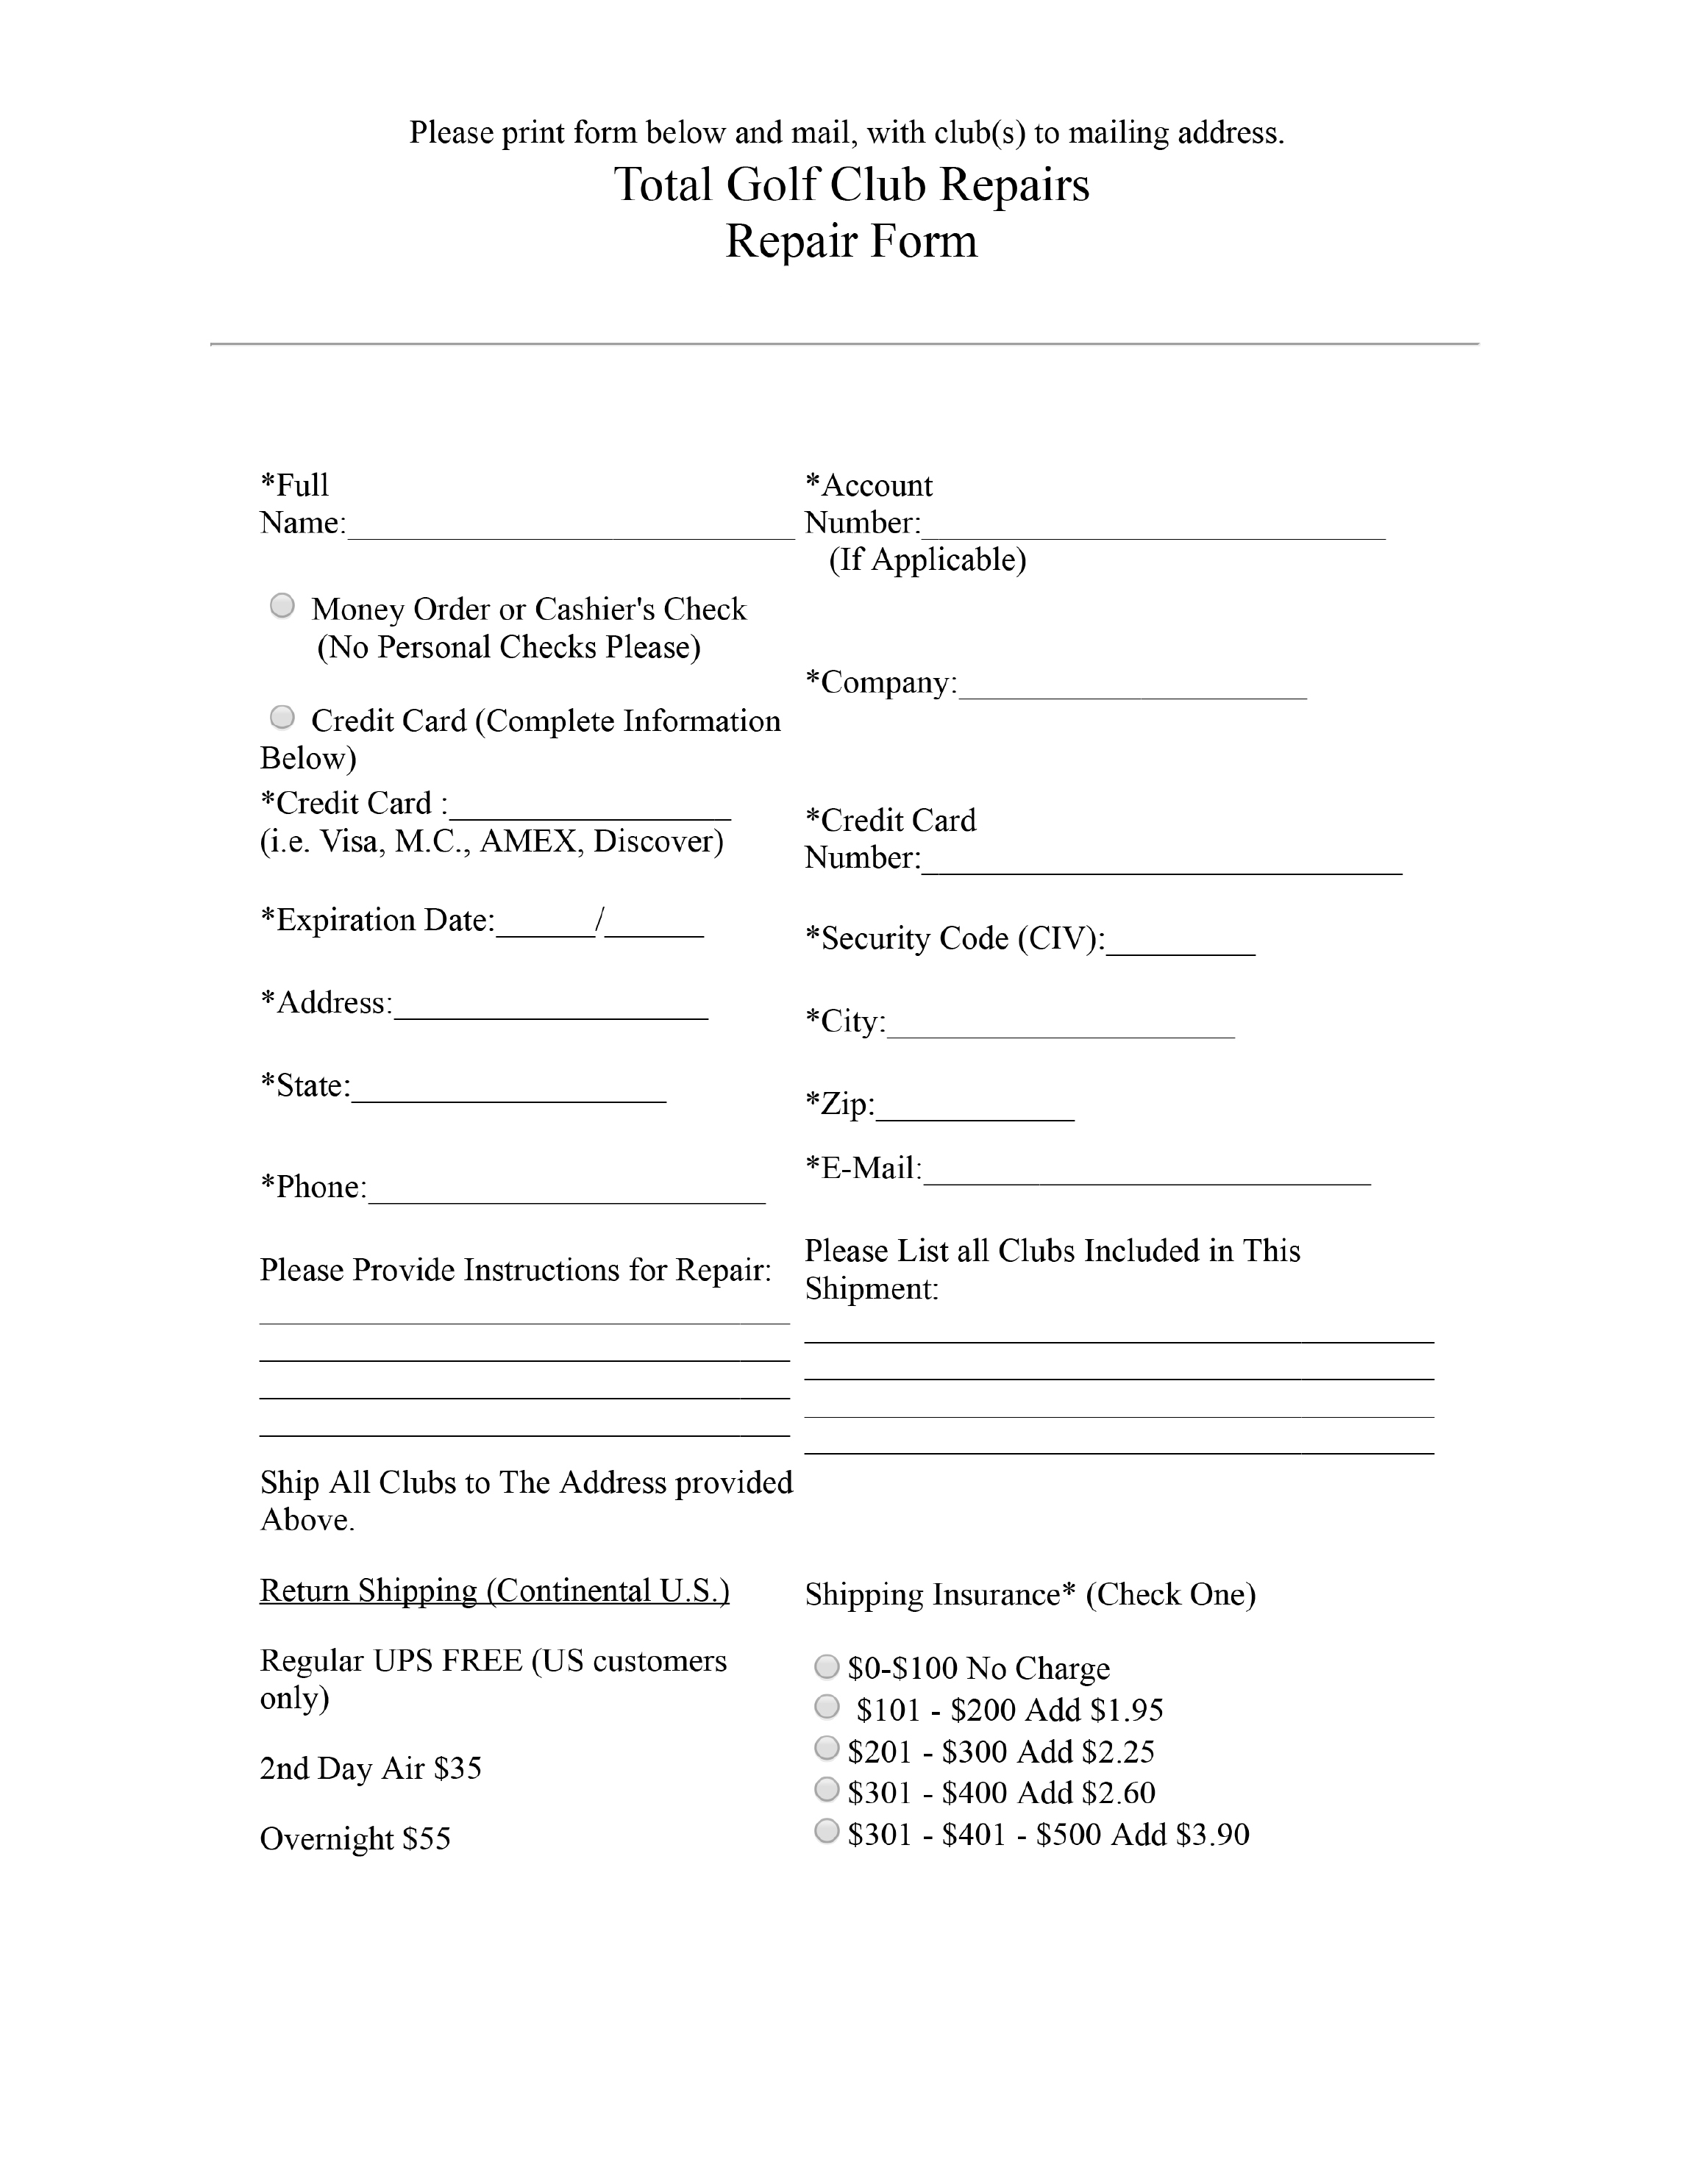 Total Golf Club Repairs Bellport NY Repair Form – Repair Form